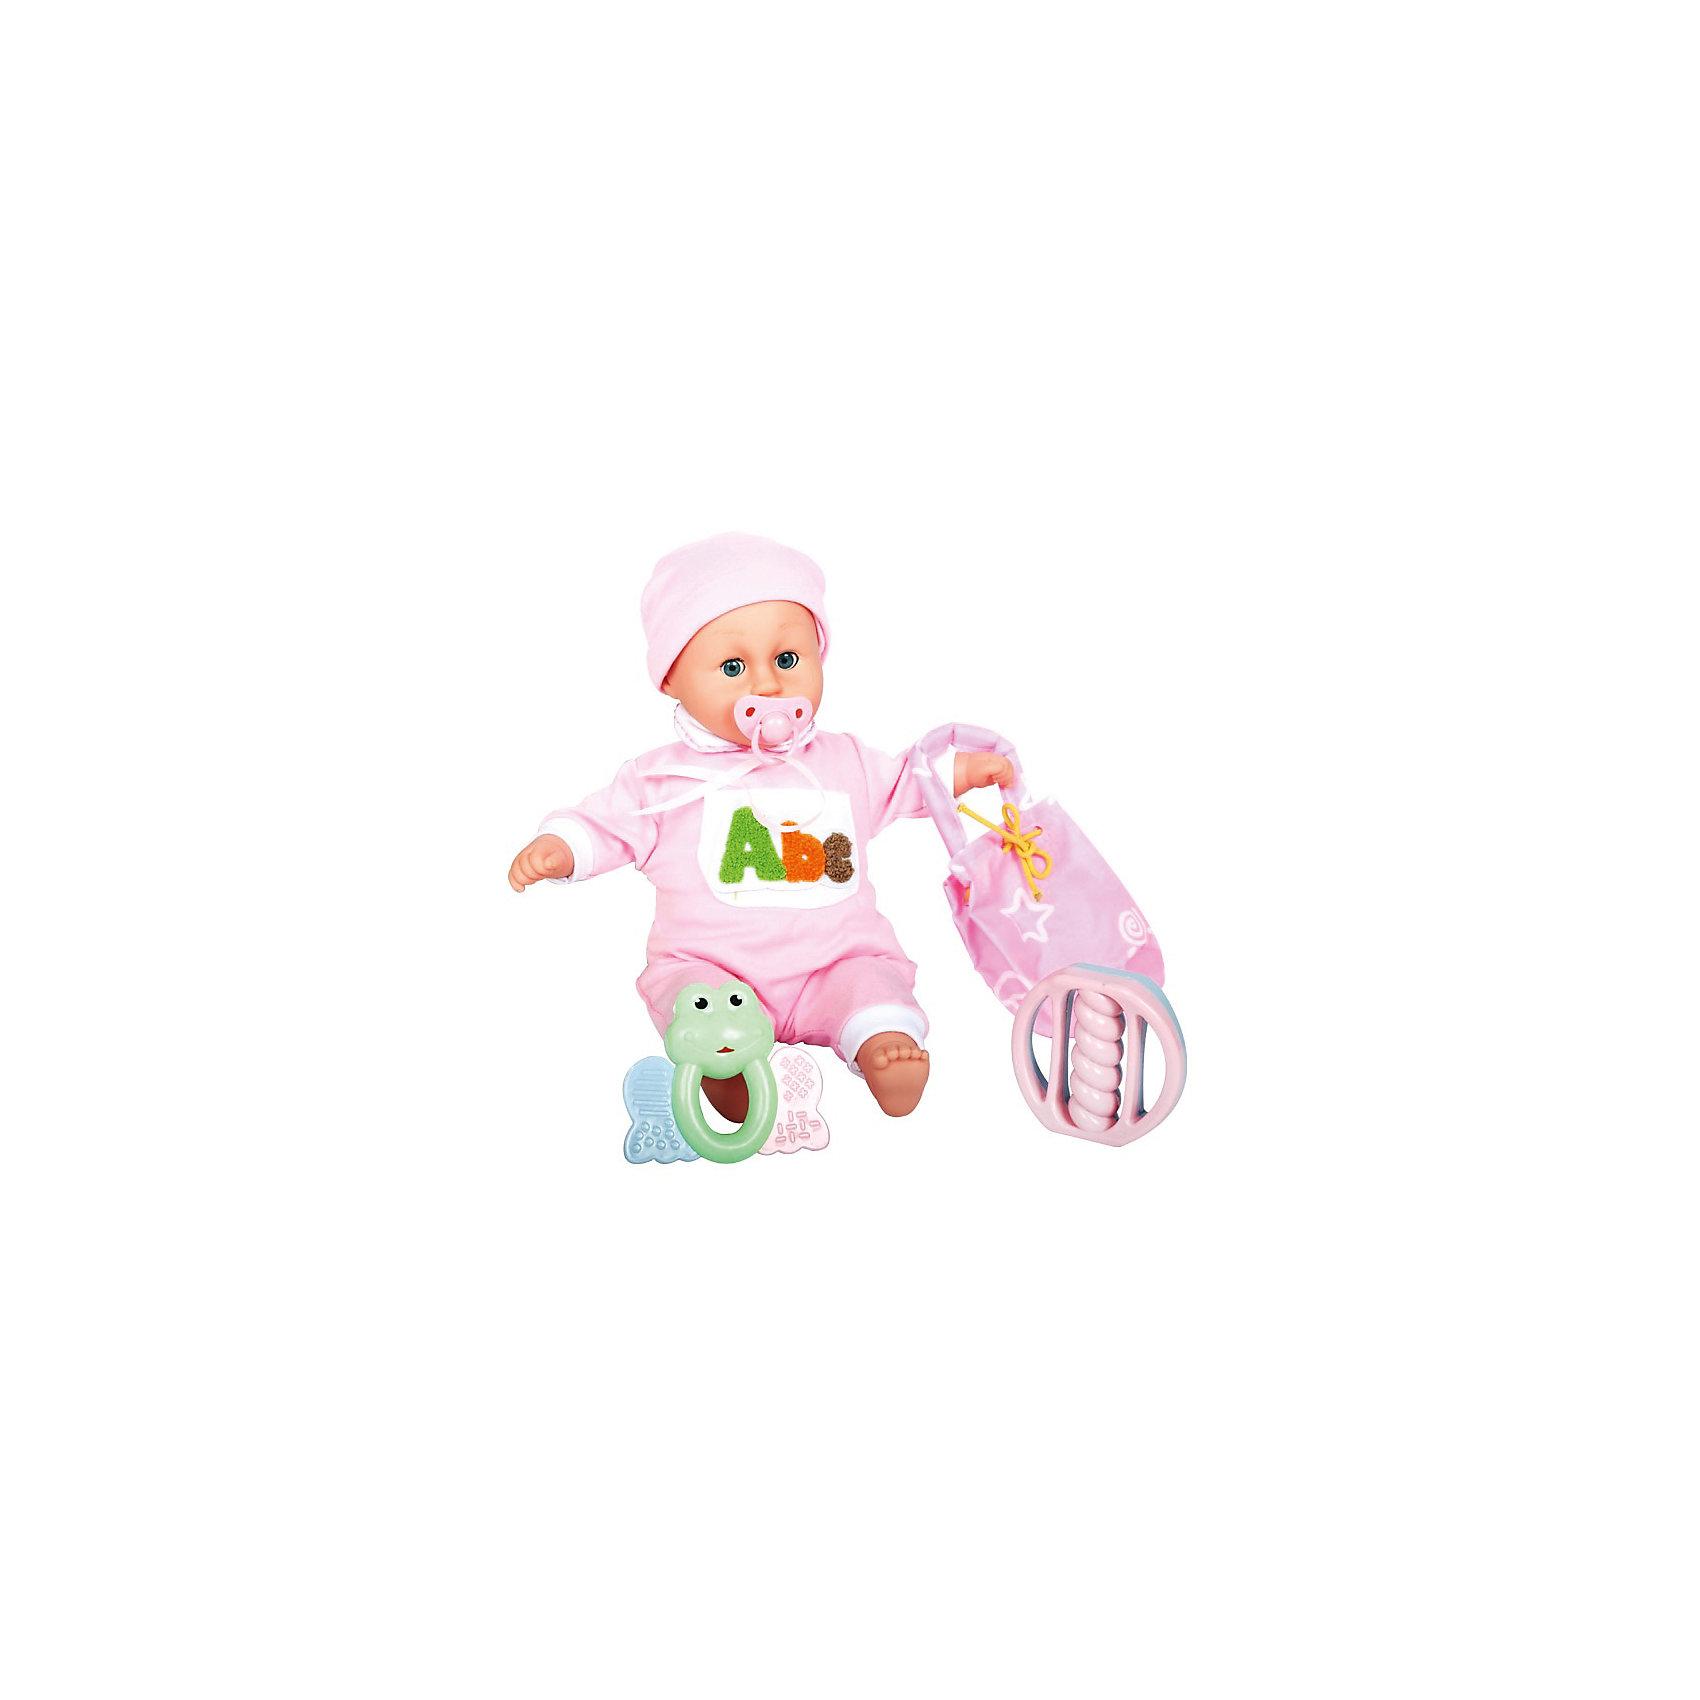 Интерактивная кукла-младенец Моя малышка, 42 см, DollyToyКуклы-пупсы<br>Характеристики товара:<br><br>• возраст от 3 лет;<br>• материал: пластик, текстиль;<br>• в комплекте: кукла, соска, сумочка, 2 погремушки;<br>• высота куклы 42 см;<br>• размер упаковки 41х33,5х15,5 см;<br>• вес упаковки 1,275 кг;<br>• страна производитель: Китай.<br><br>Интерактивная кукла-младенец «Моя малышка» DollyToy привьет девочке чувство заботы, любви, ответственности. Если забрать у малыша соску, он начнет плакать. Чтобы развеселить малышку, можно поиграть с ней в погремушки. В наборе сумочка для хранения всех предметов.<br><br>Интерактивную куклу-младенец «Моя малышка» DollyToy можно приобрести в нашем интернет-магазине.<br><br>Ширина мм: 410<br>Глубина мм: 155<br>Высота мм: 335<br>Вес г: 1275<br>Возраст от месяцев: 36<br>Возраст до месяцев: 72<br>Пол: Женский<br>Возраст: Детский<br>SKU: 5581284